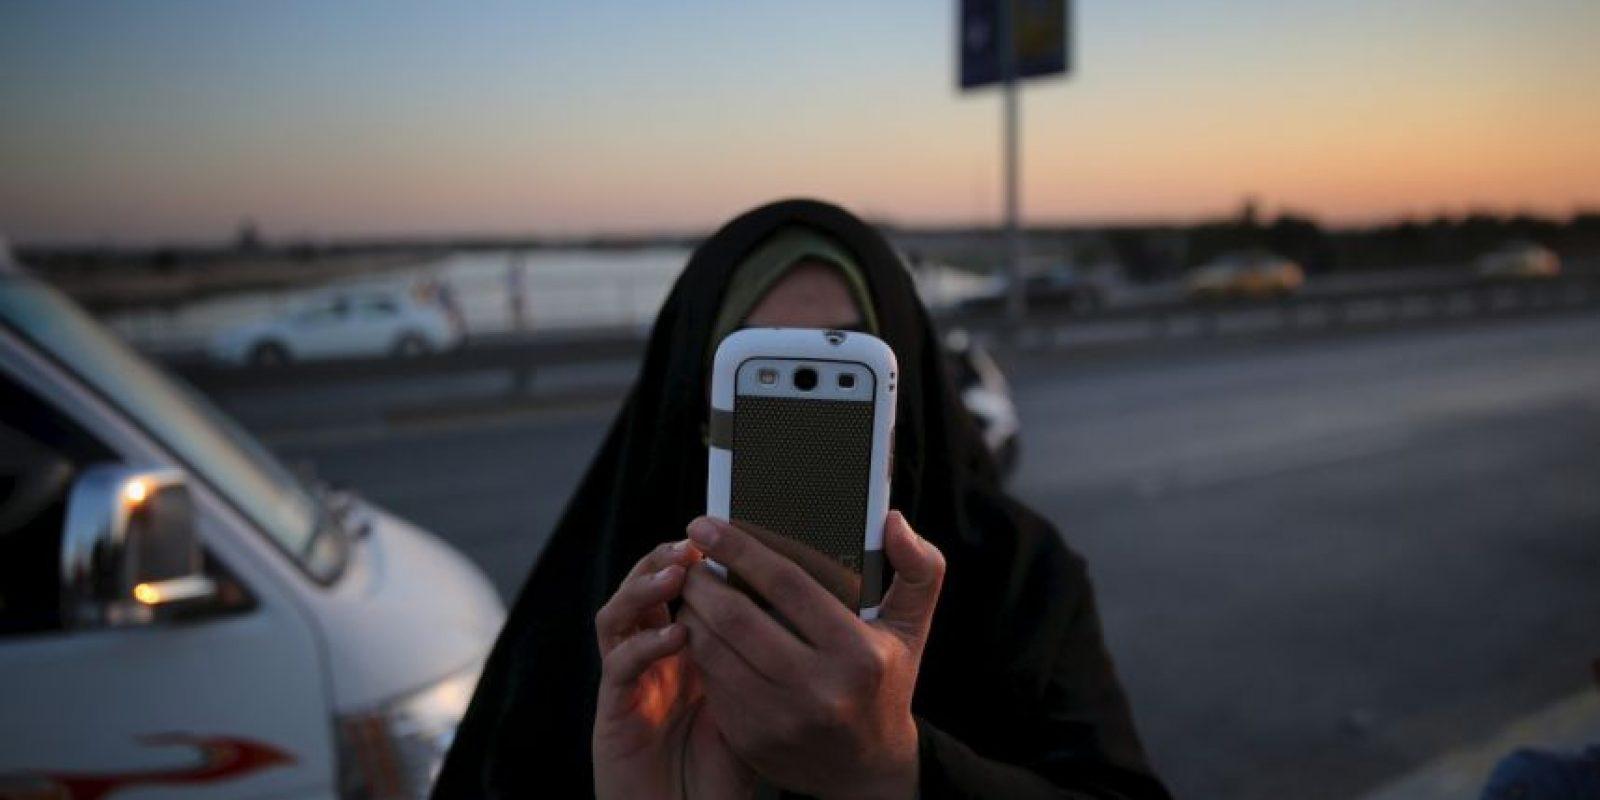 """El 29 de junio de 2014, la organización se proclamó como un """"Califato mundial"""", lo cual le brindaría autoridad religiosa, política y militar sobre los musulmanes del mundo, hecho que ha sido rechazado por líderes musulmanes alrededor del mundo. Foto:Getty Images"""